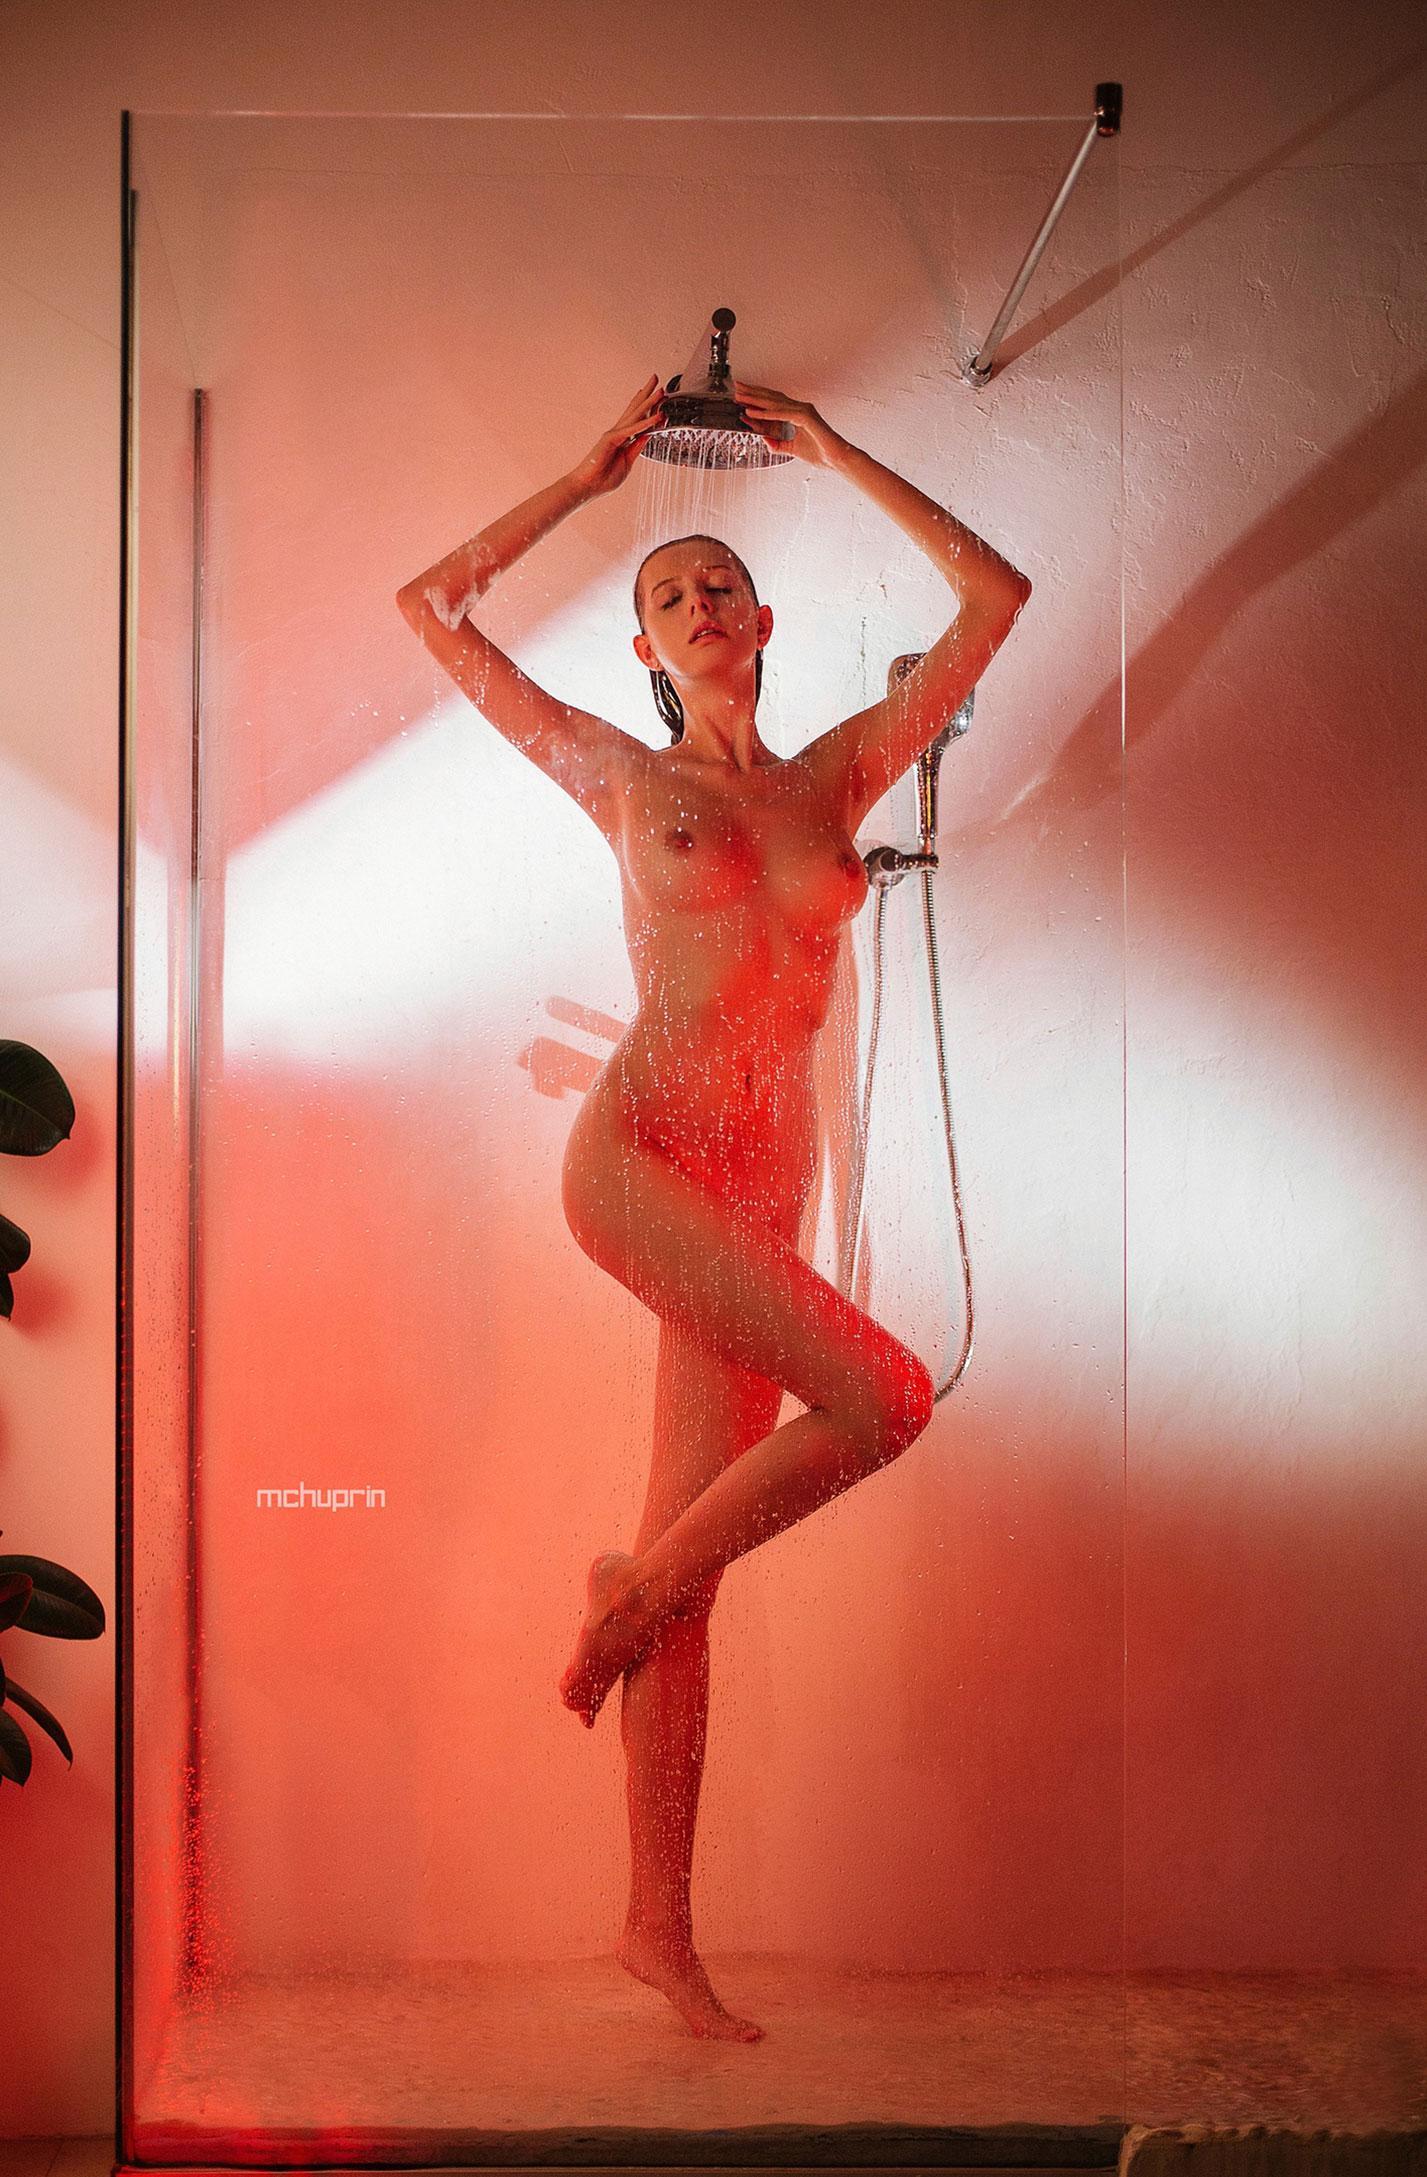 Катерина Райх принимает душ, под светом красных ламп / фото 07